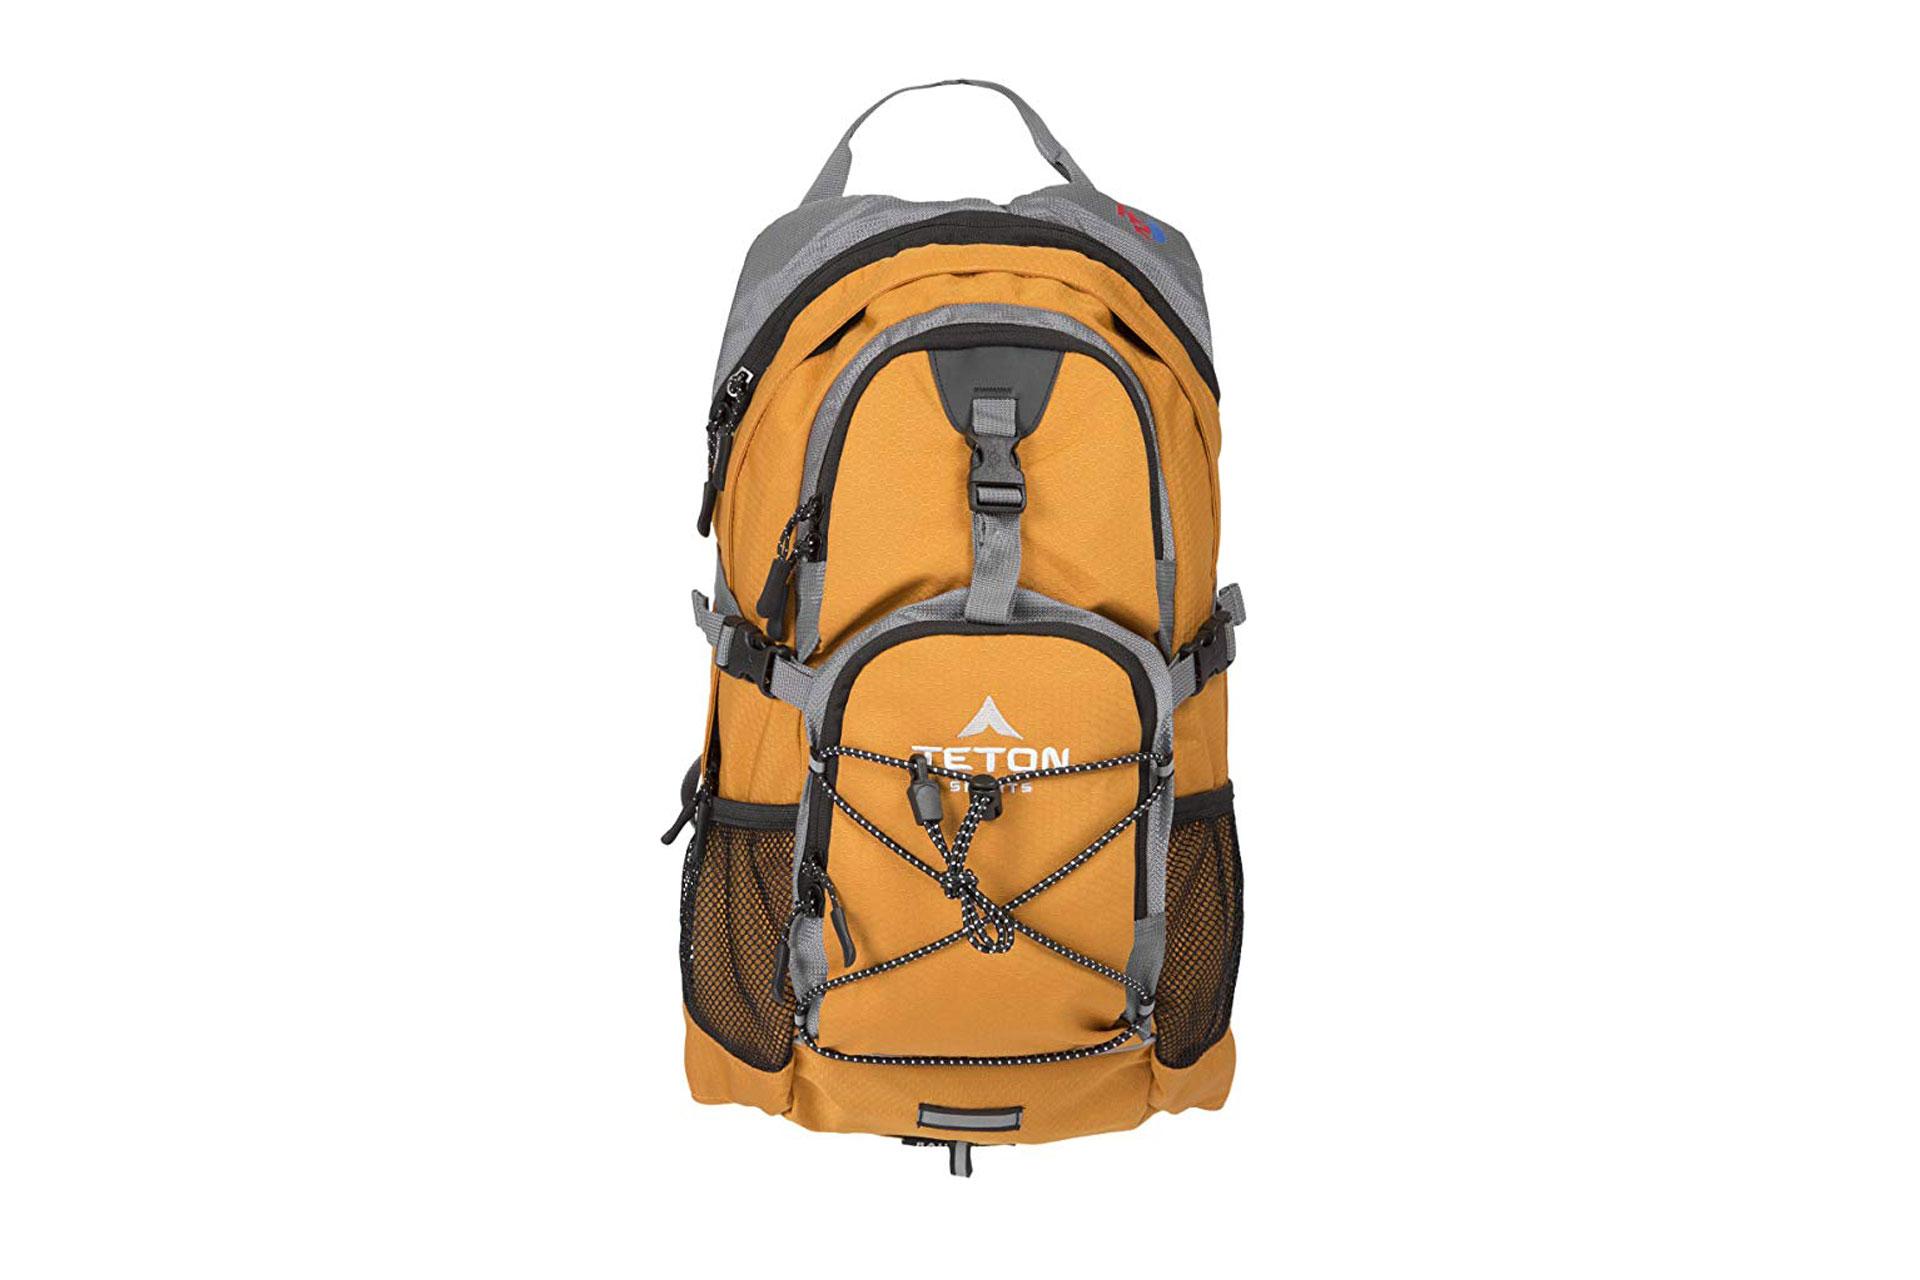 Teton Backpack; Courtesy of Amazon